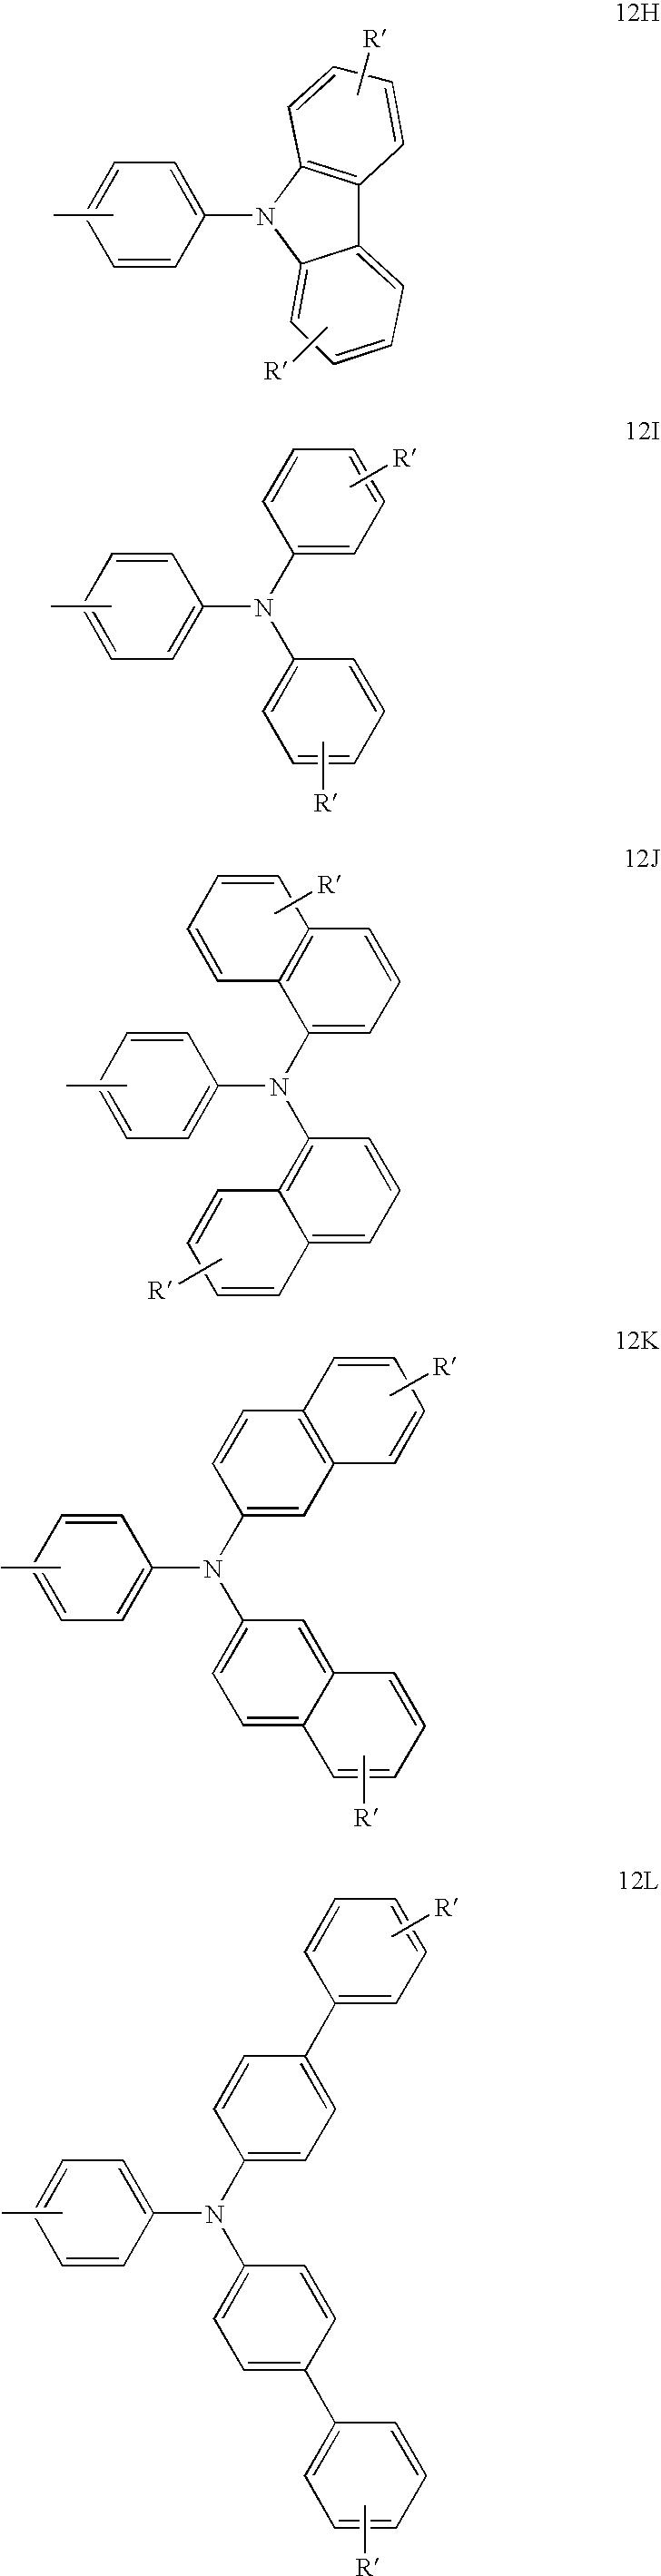 Figure US07875367-20110125-C00081